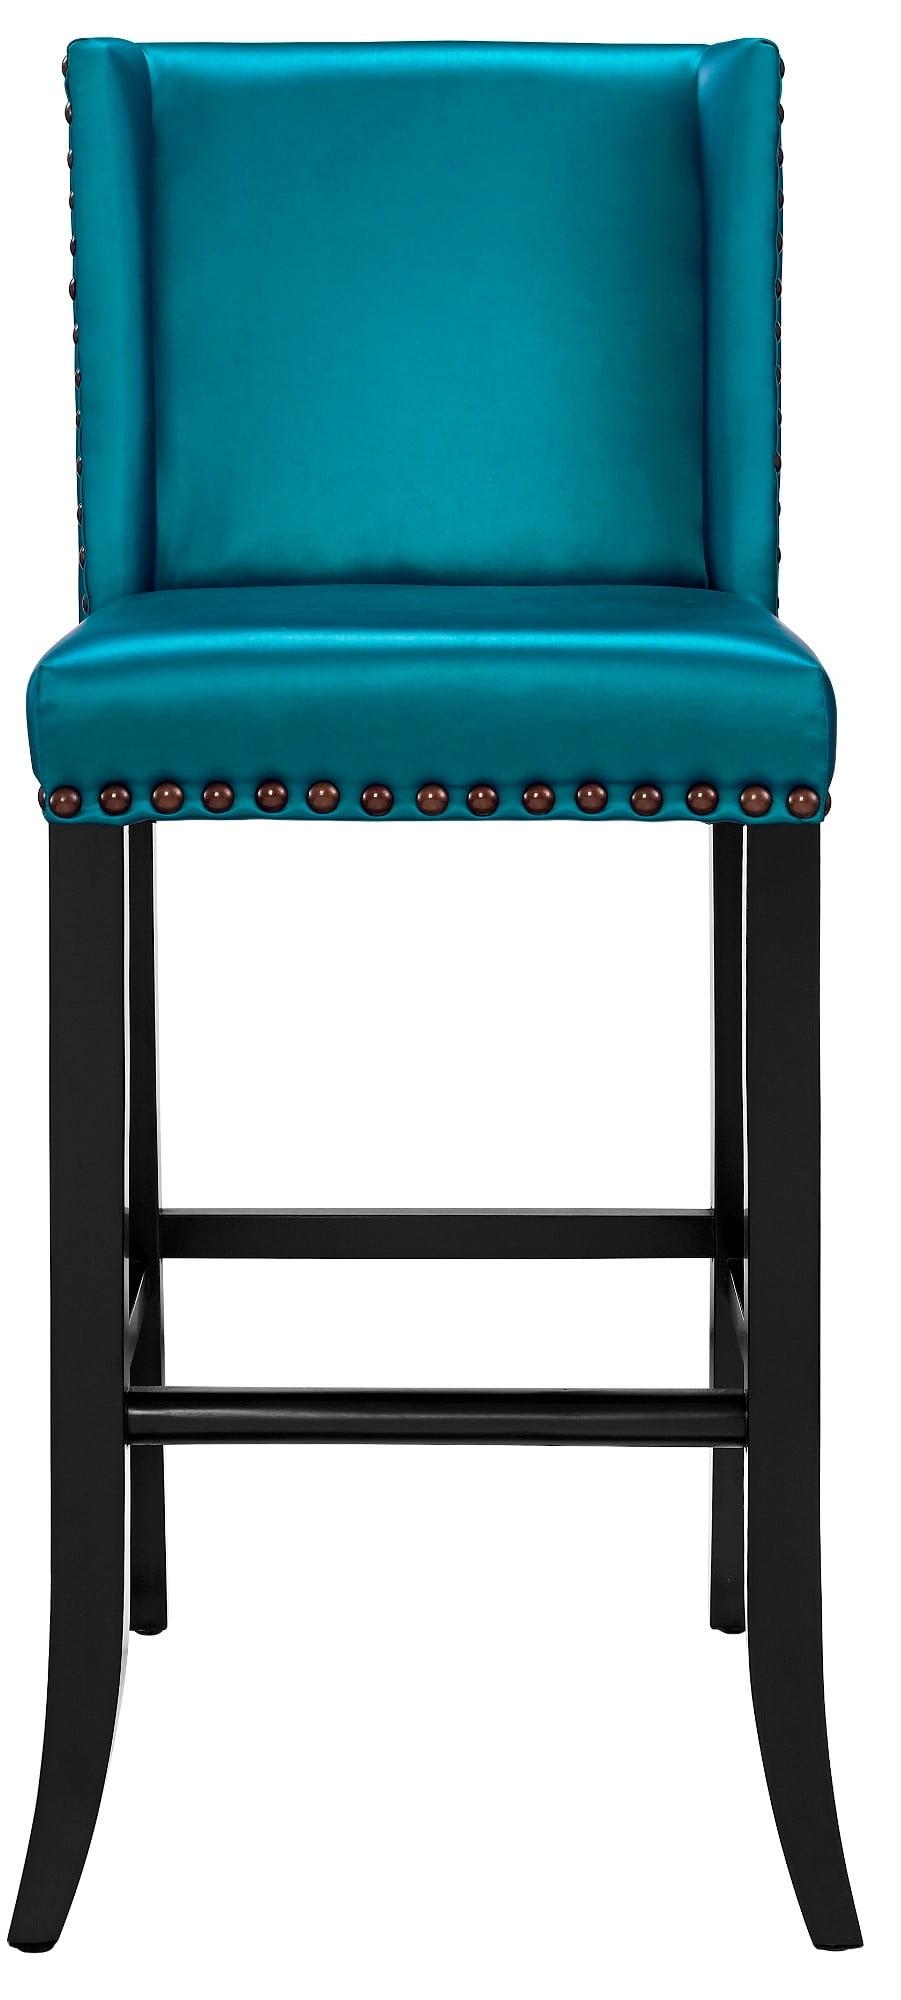 Denver Blue Bar Stool From Tov Bs13 Coleman Furniture